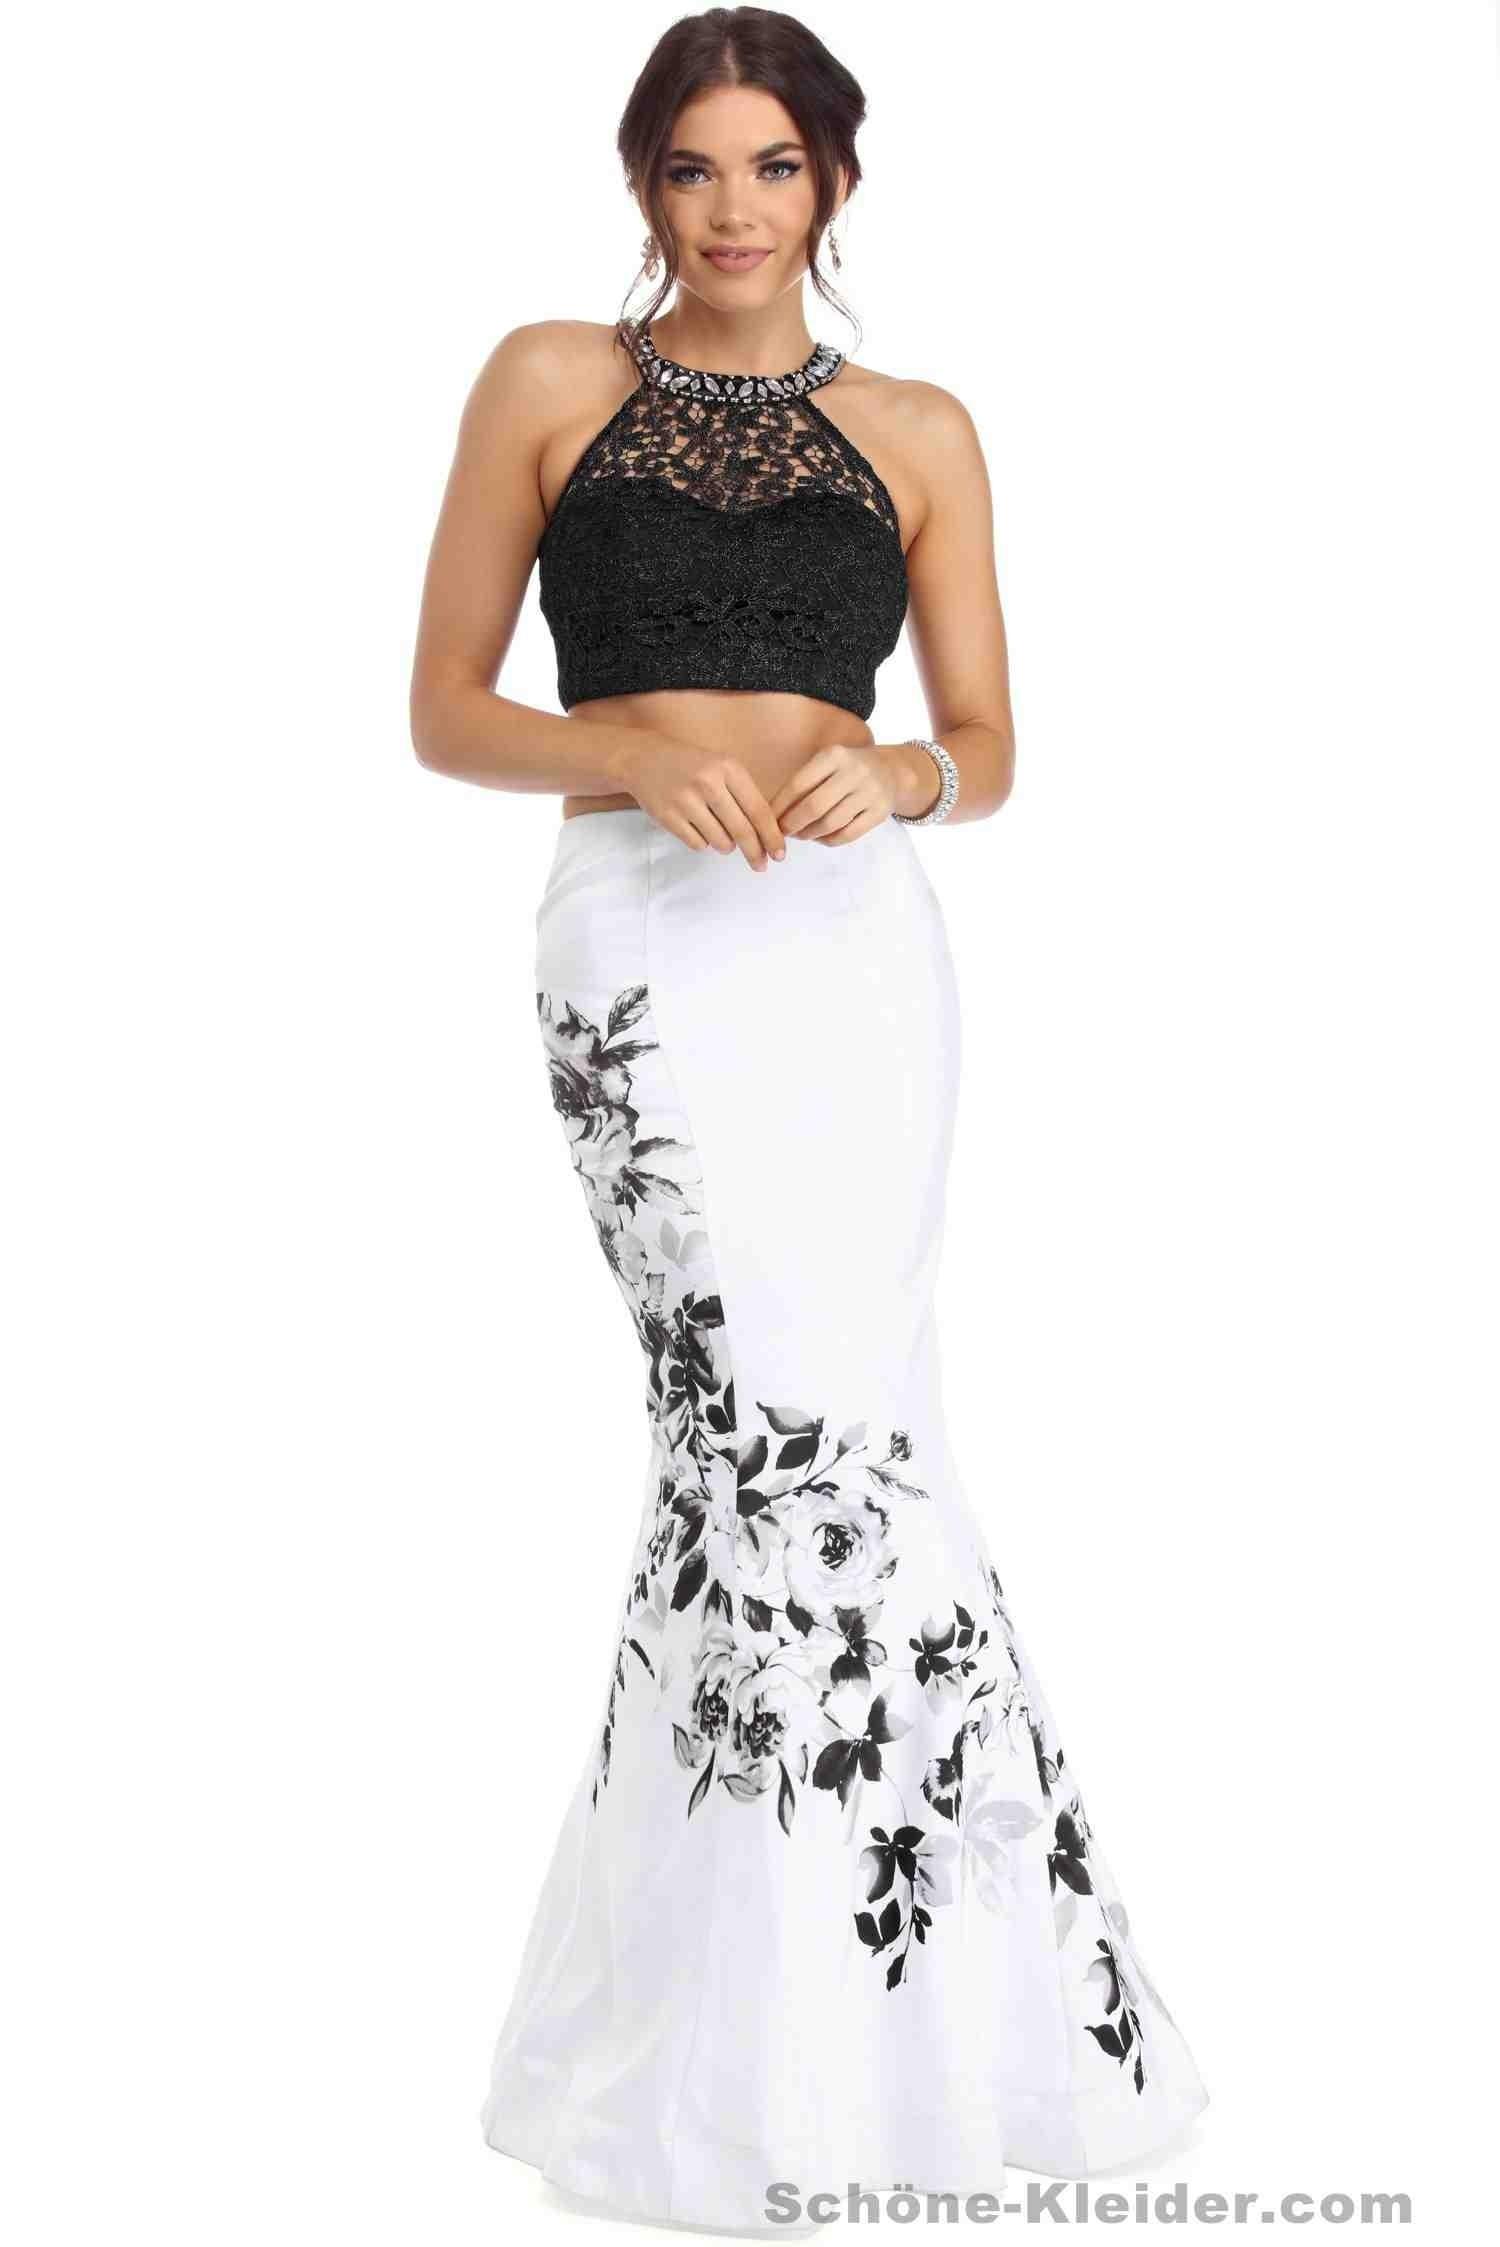 Formal Ausgezeichnet Kleider Zweiteiliges Abendkleid Ärmel10 Spektakulär Kleider Zweiteiliges Abendkleid Bester Preis